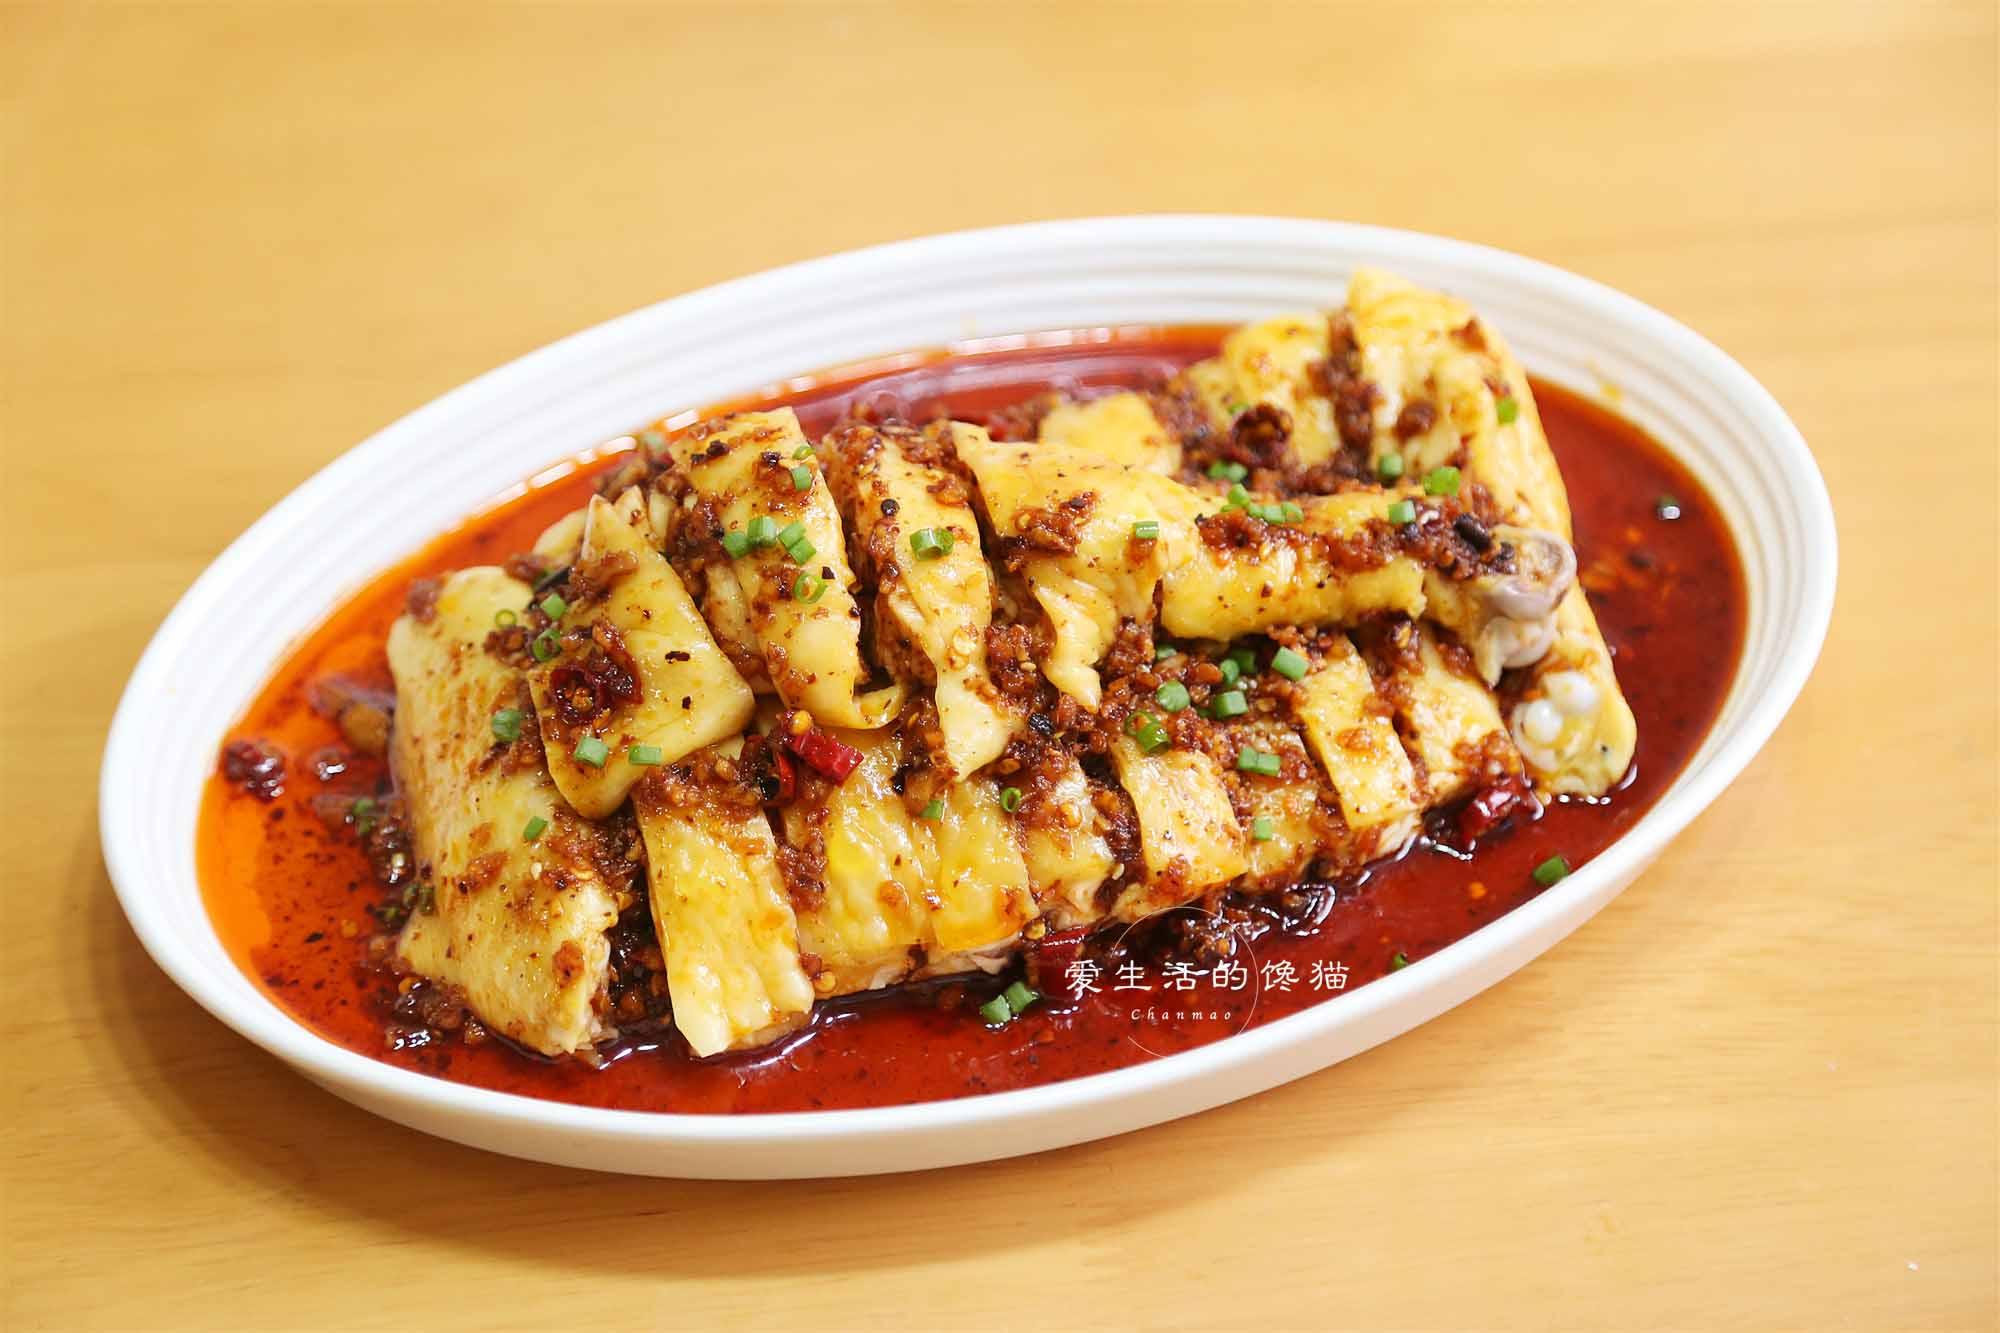 Ngày hè oi bức chán ăn, trổ tài nấu thực đơn 4 món này khiến cả nhà ăn no say - 4